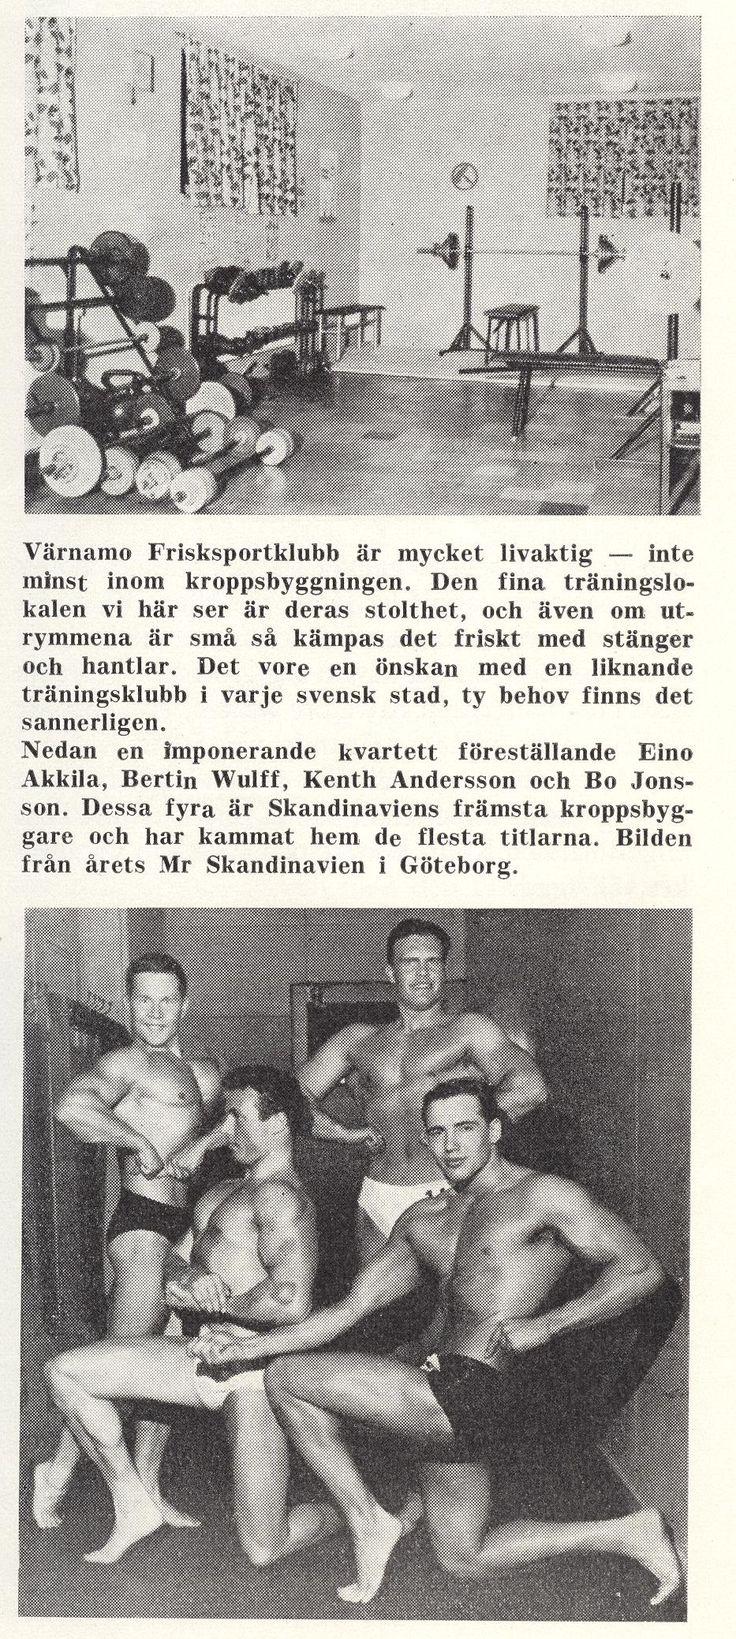 Sweden Värnamo - Värnamo Frisksportklubb 1962